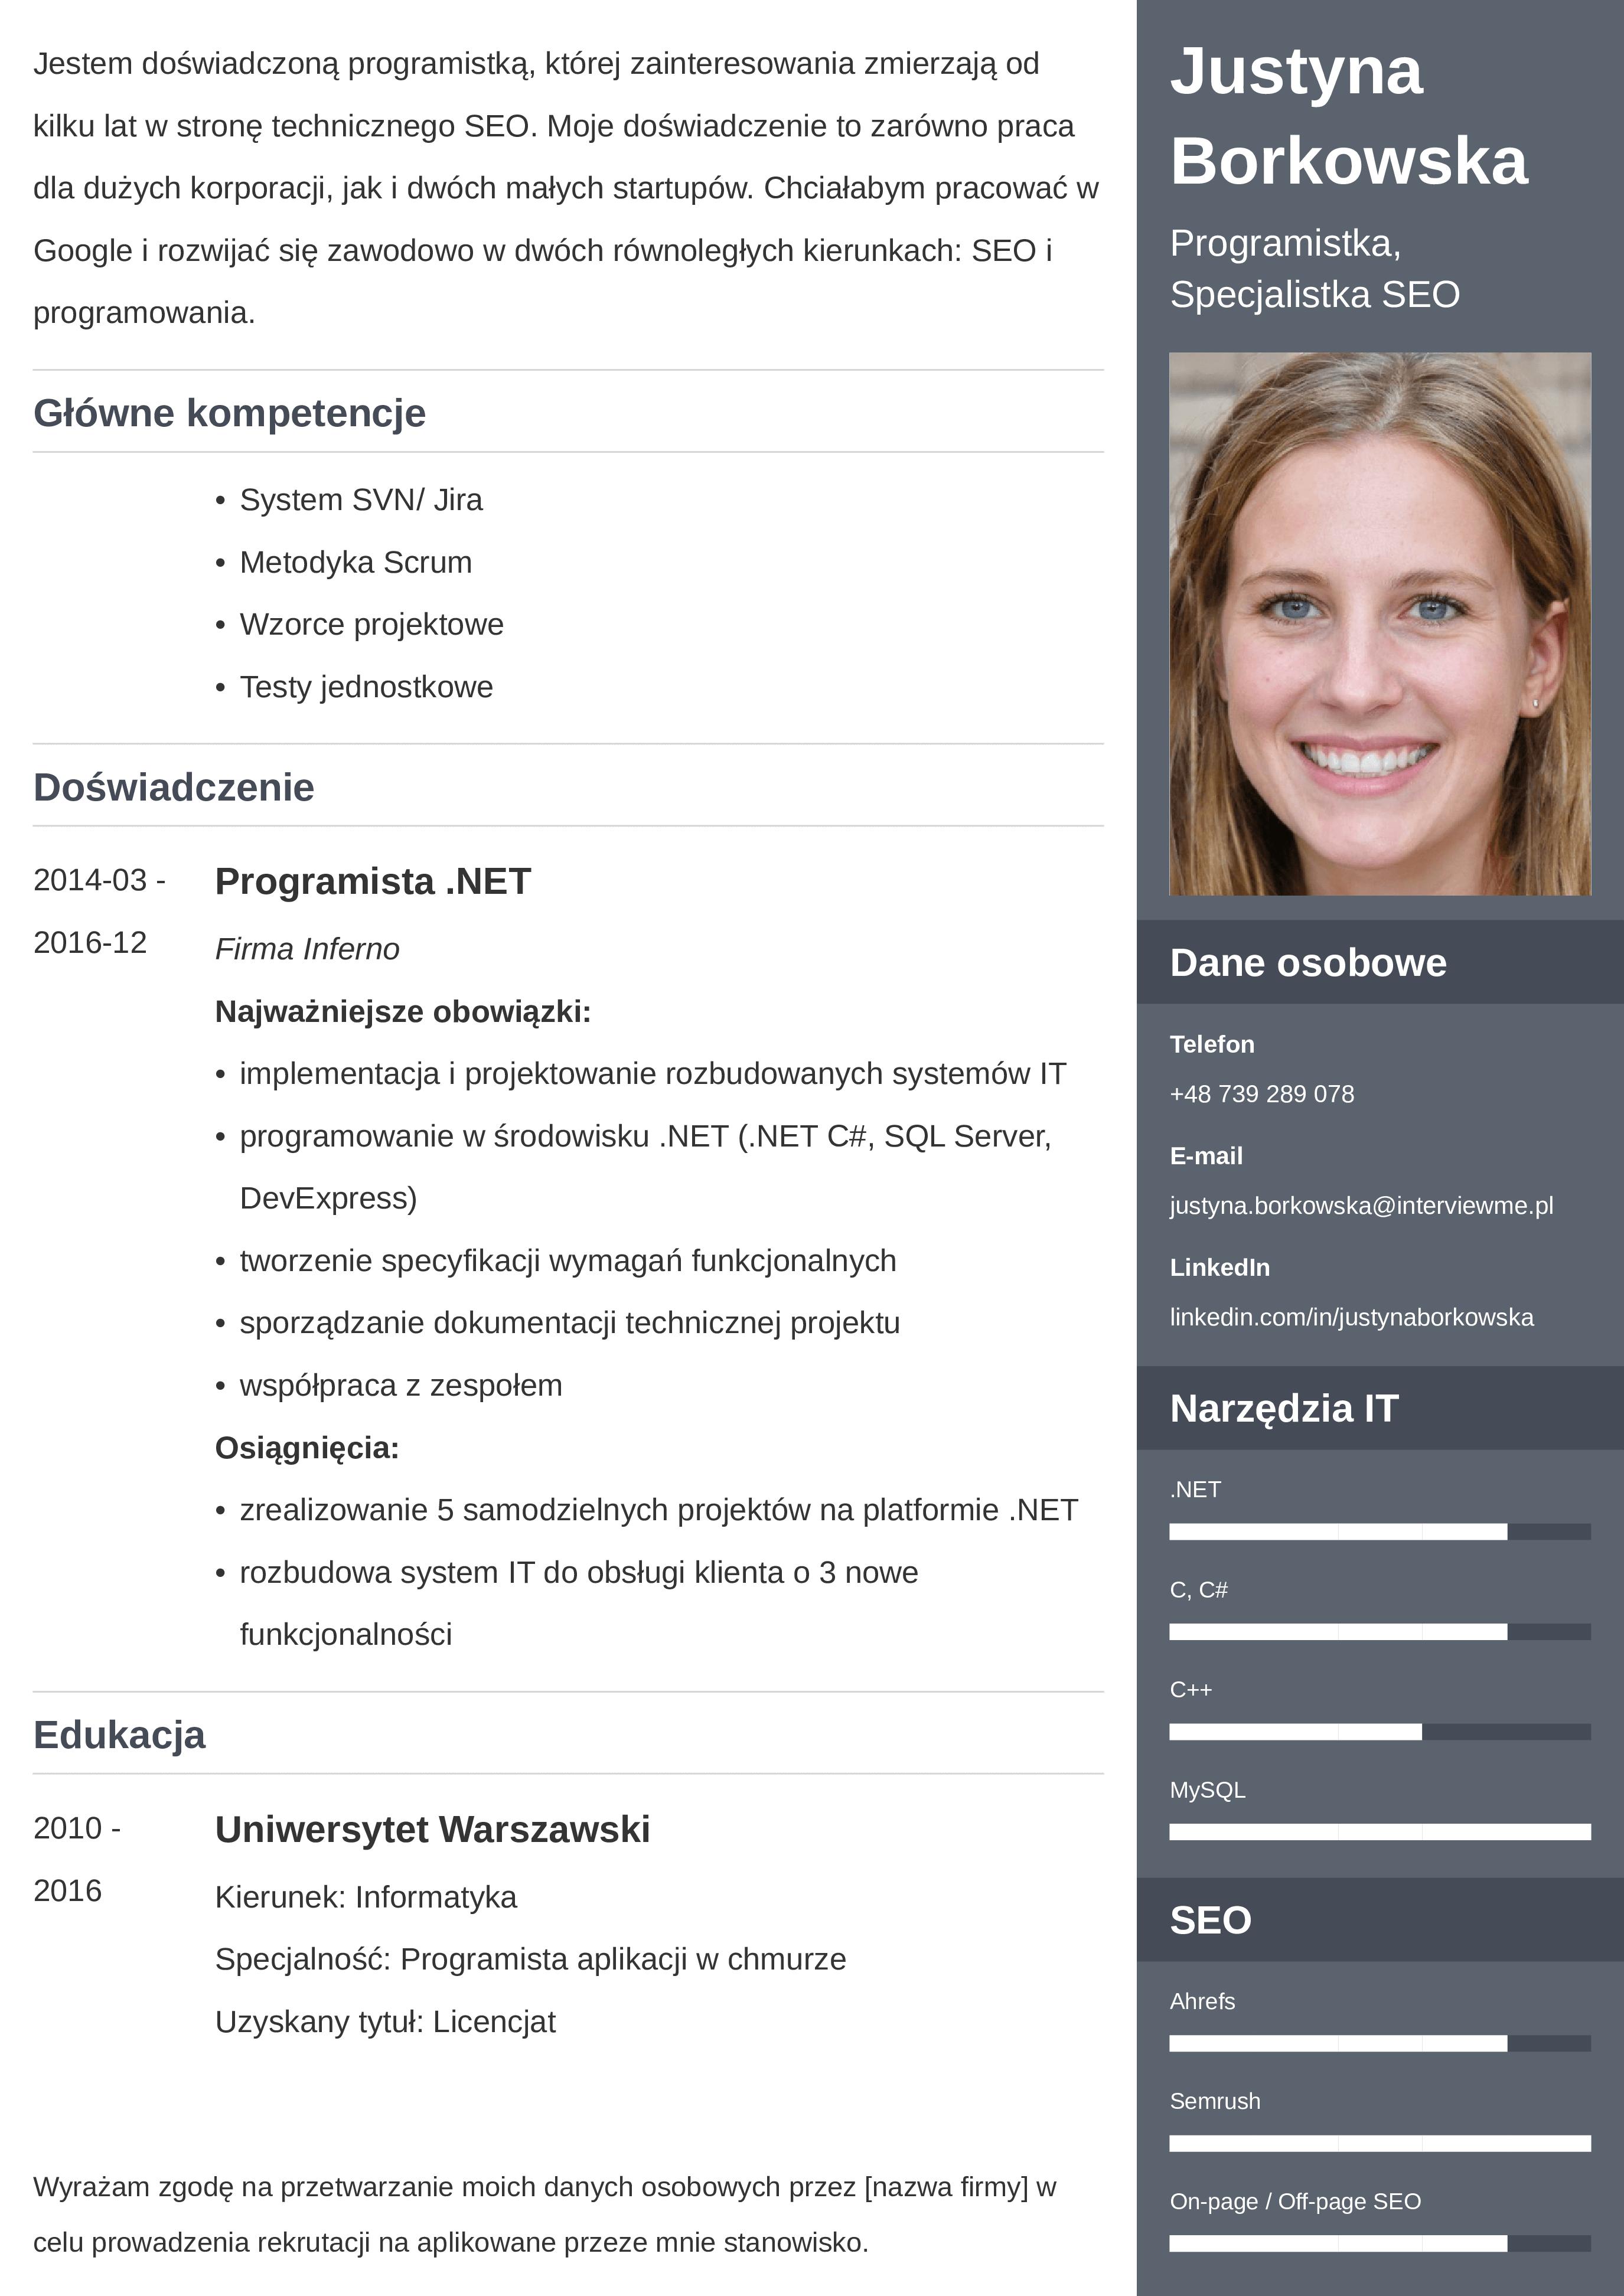 CV mieszane wzór